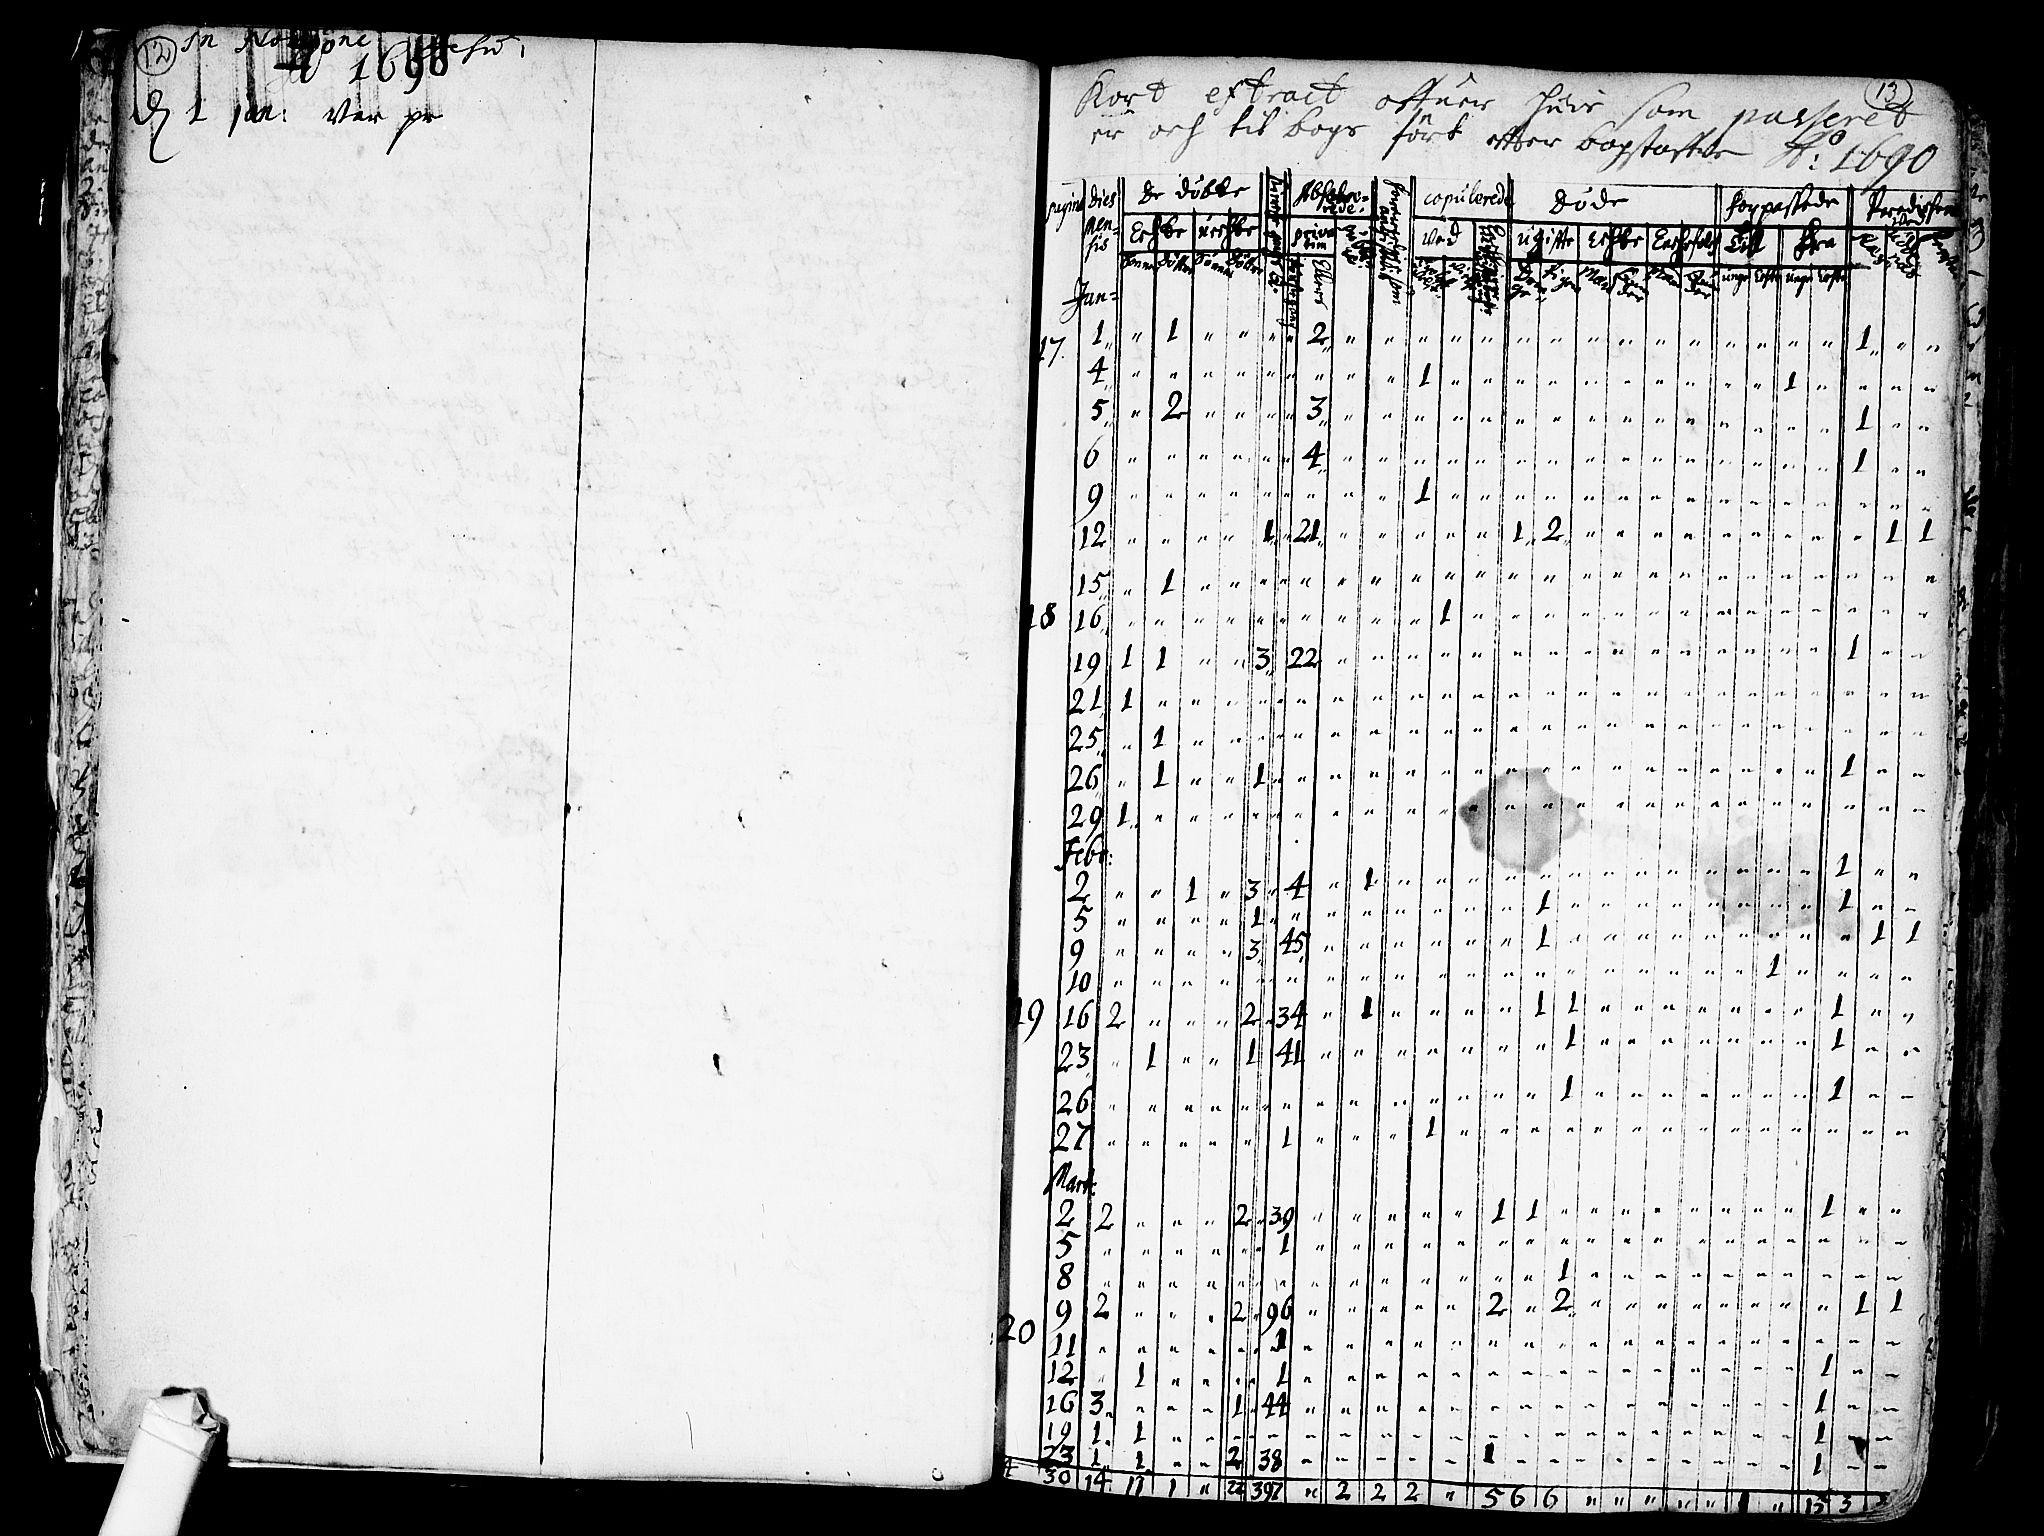 SAO, Nes prestekontor Kirkebøker, F/Fa/L0001: Ministerialbok nr. I 1, 1689-1716, s. 12-13